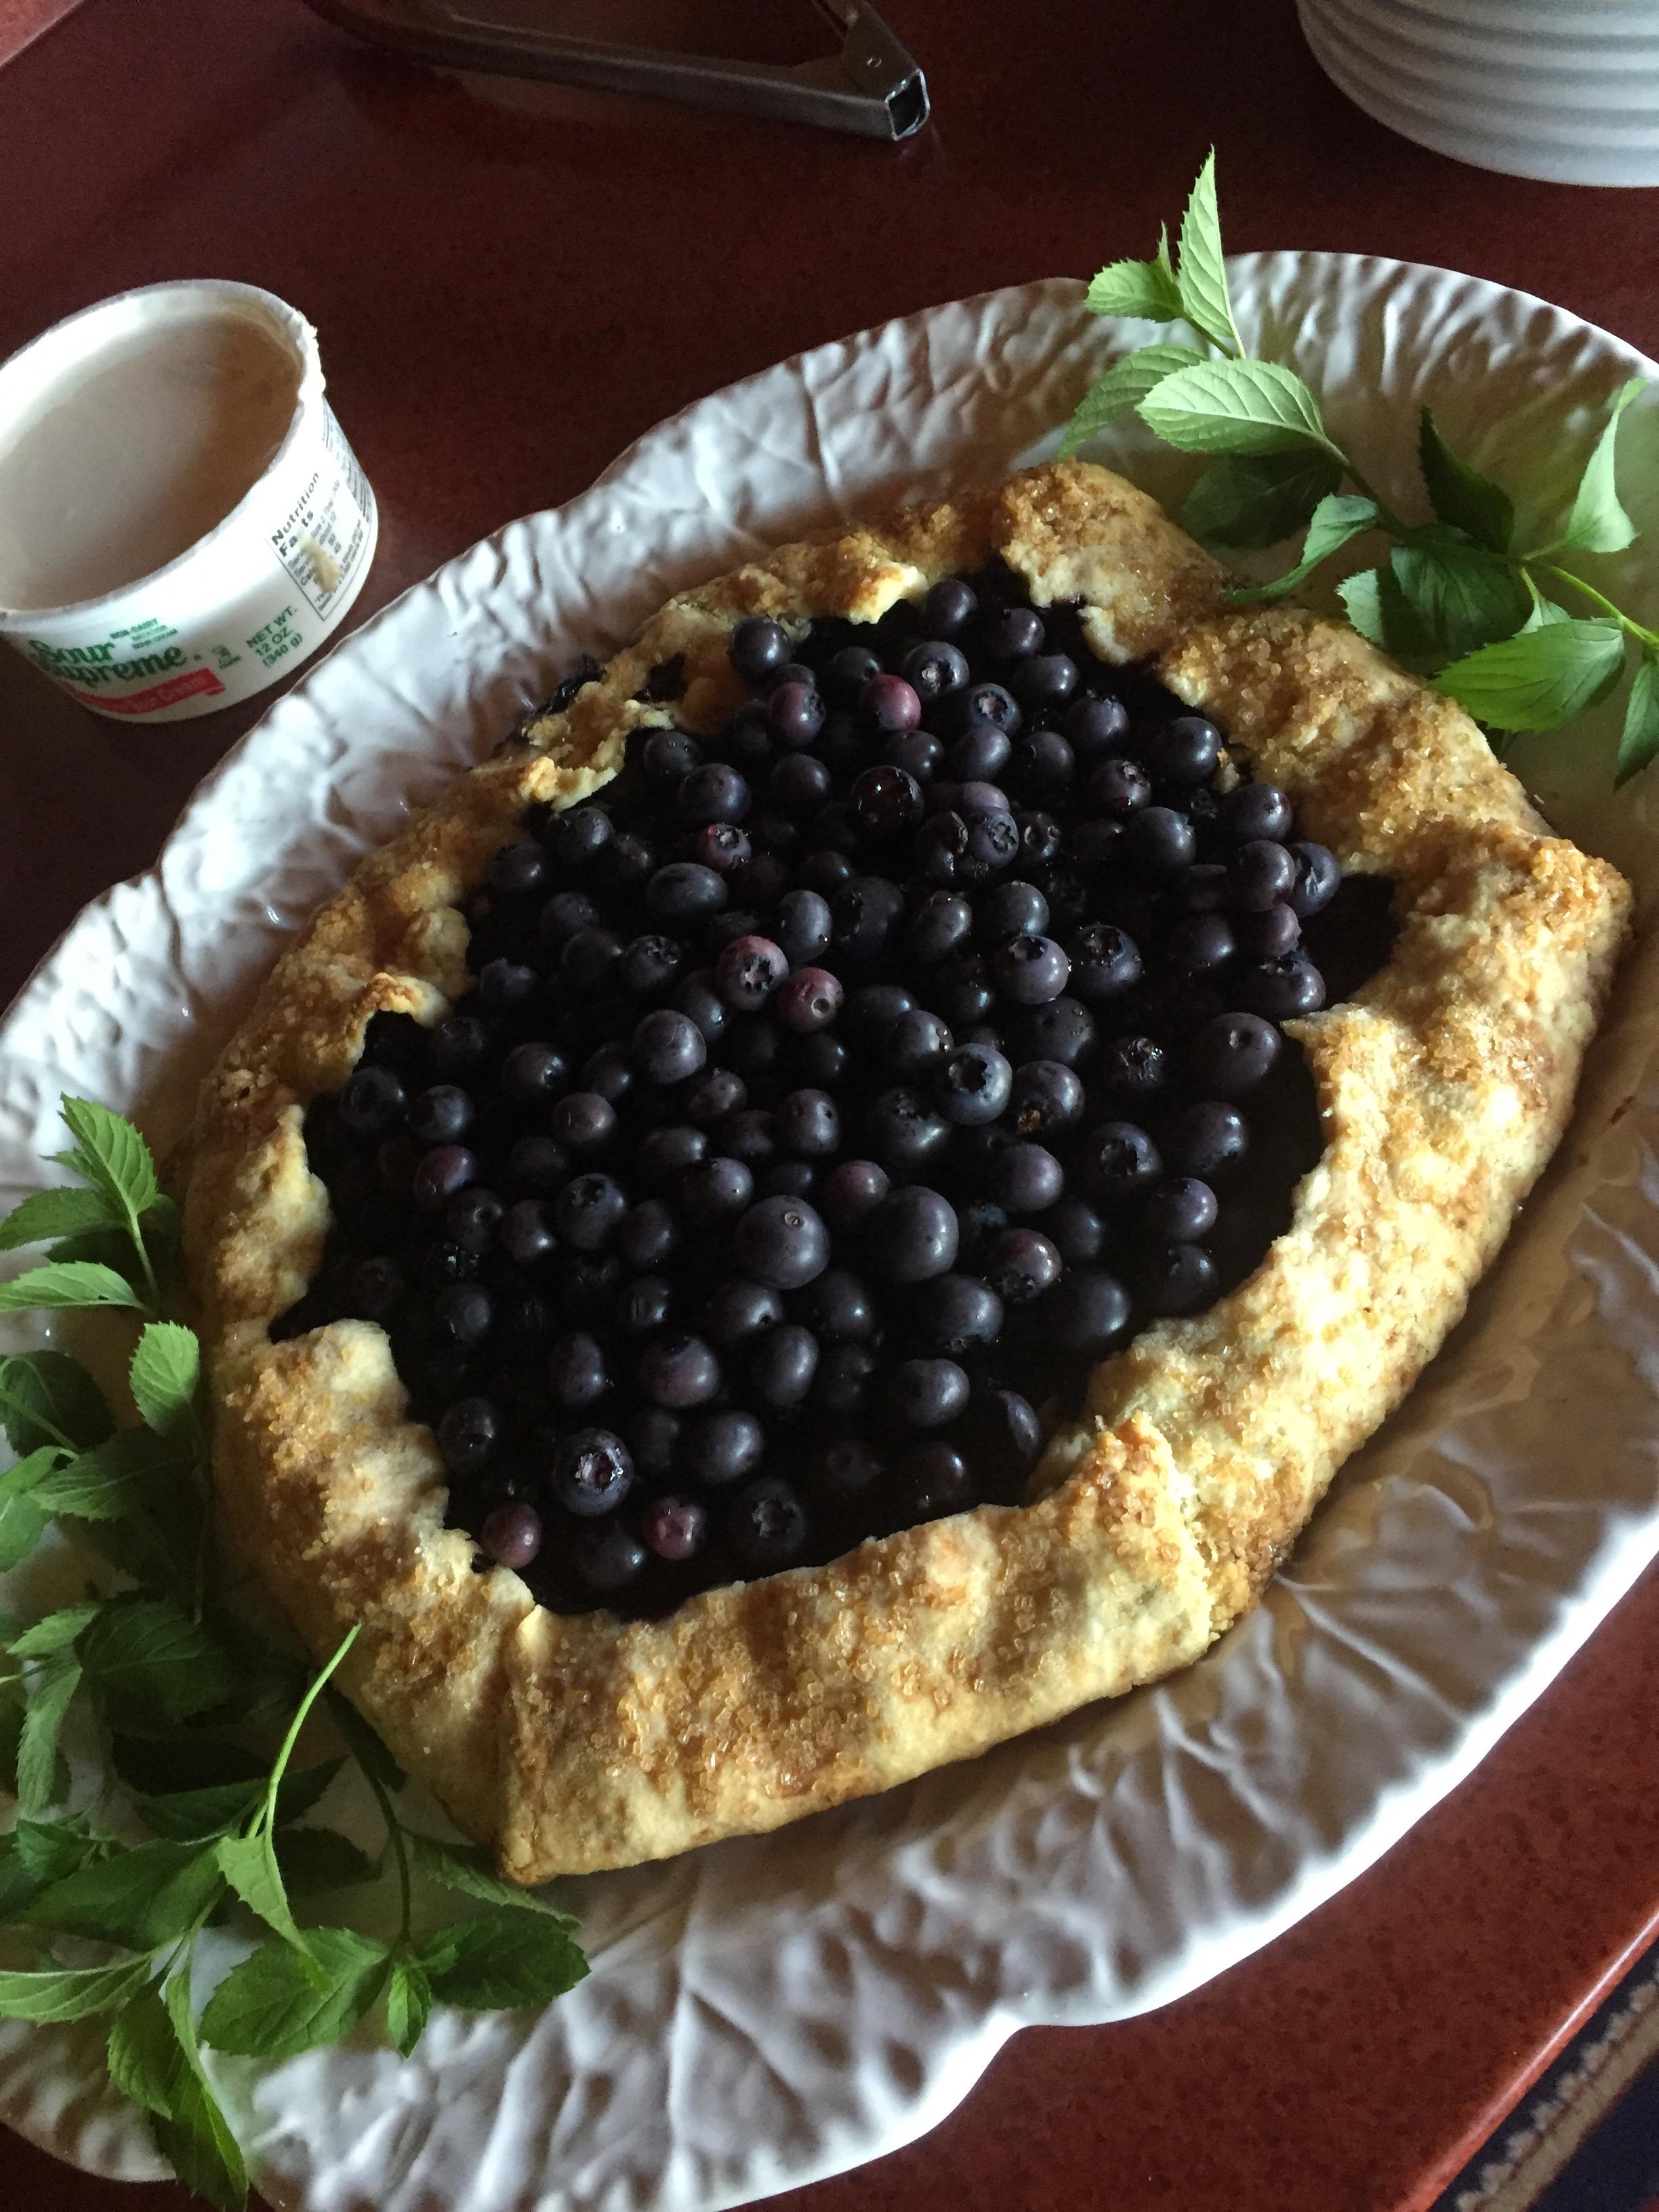 Blueberry Gallette